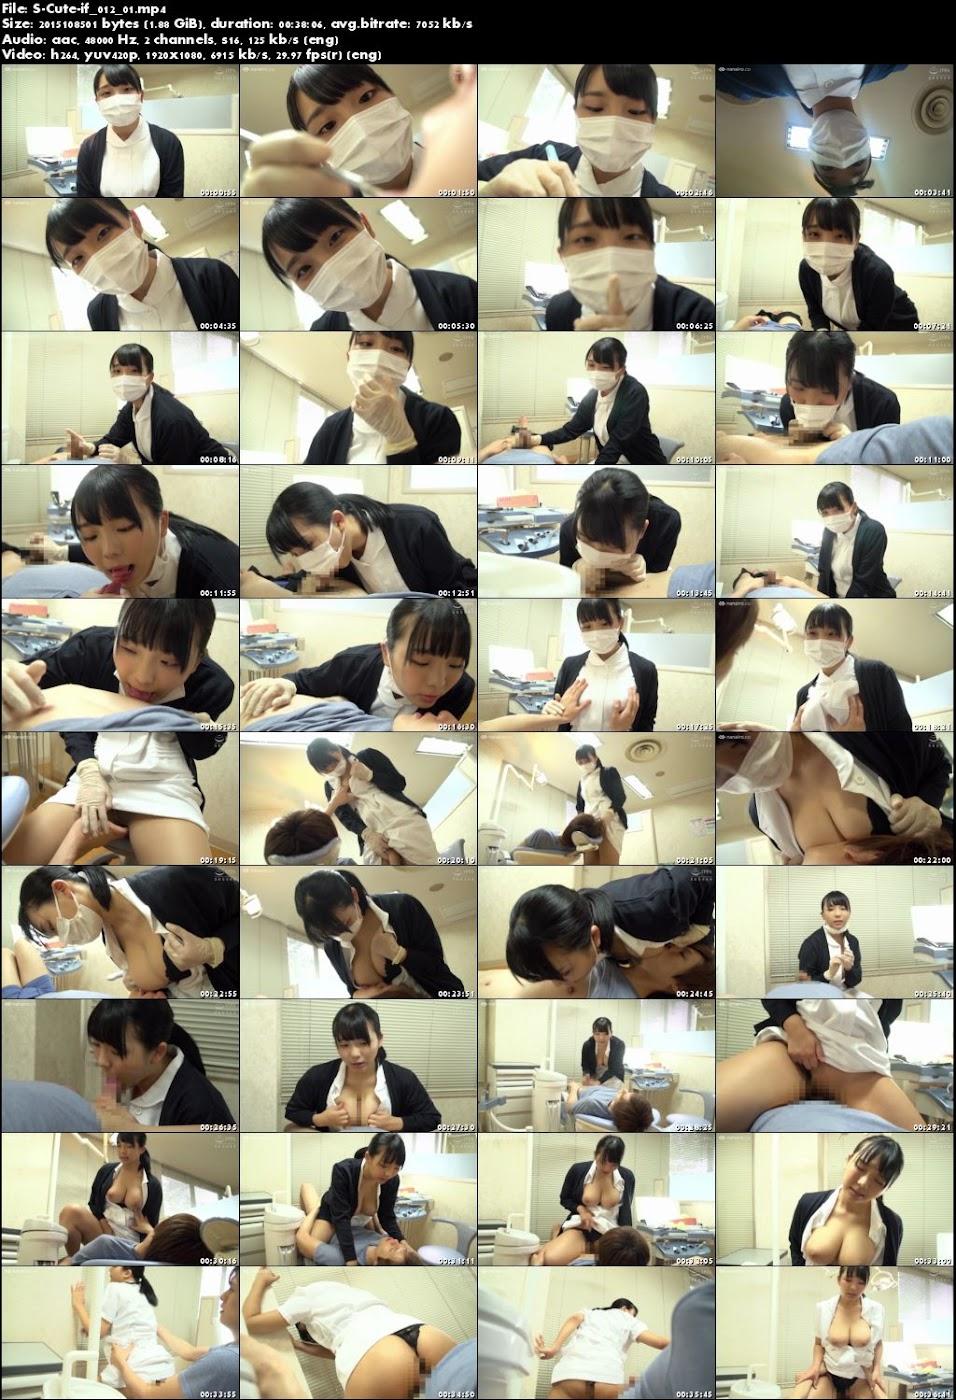 S-Cute%2Bif_012_01 S-Cute if_012_01 もし歯医者で内緒でエッチができたら/Ruka